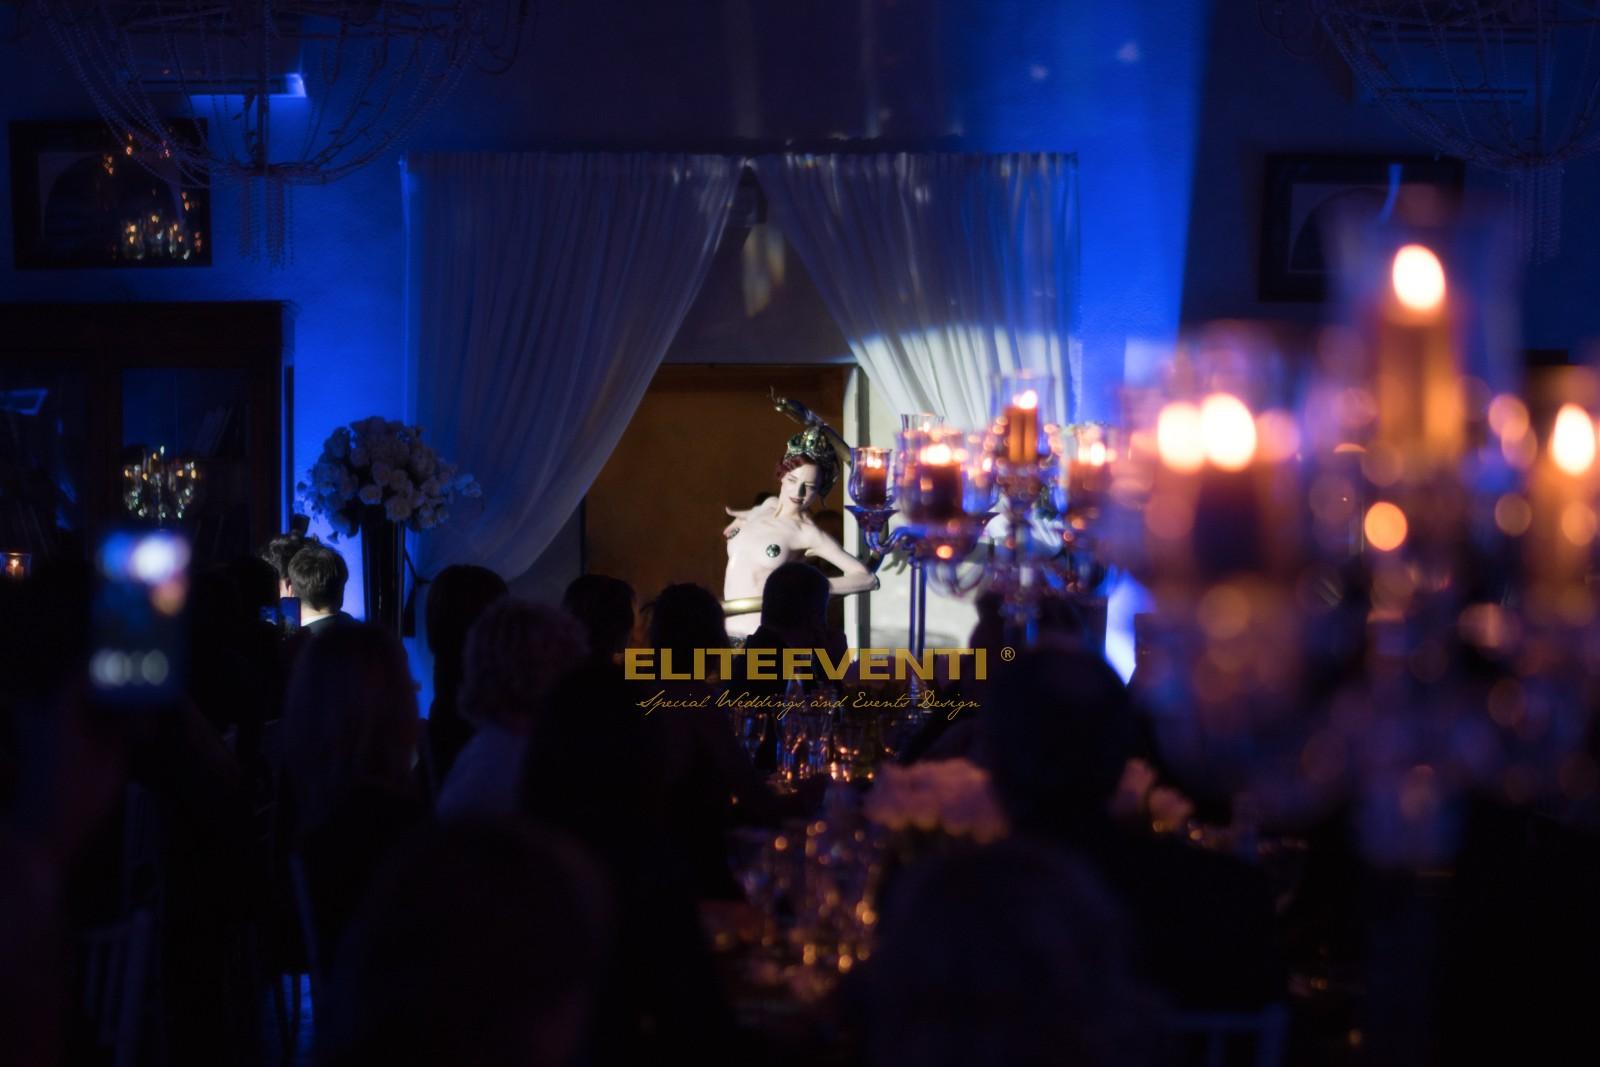 Spettacolo Eva la Plume bv eliteeventi